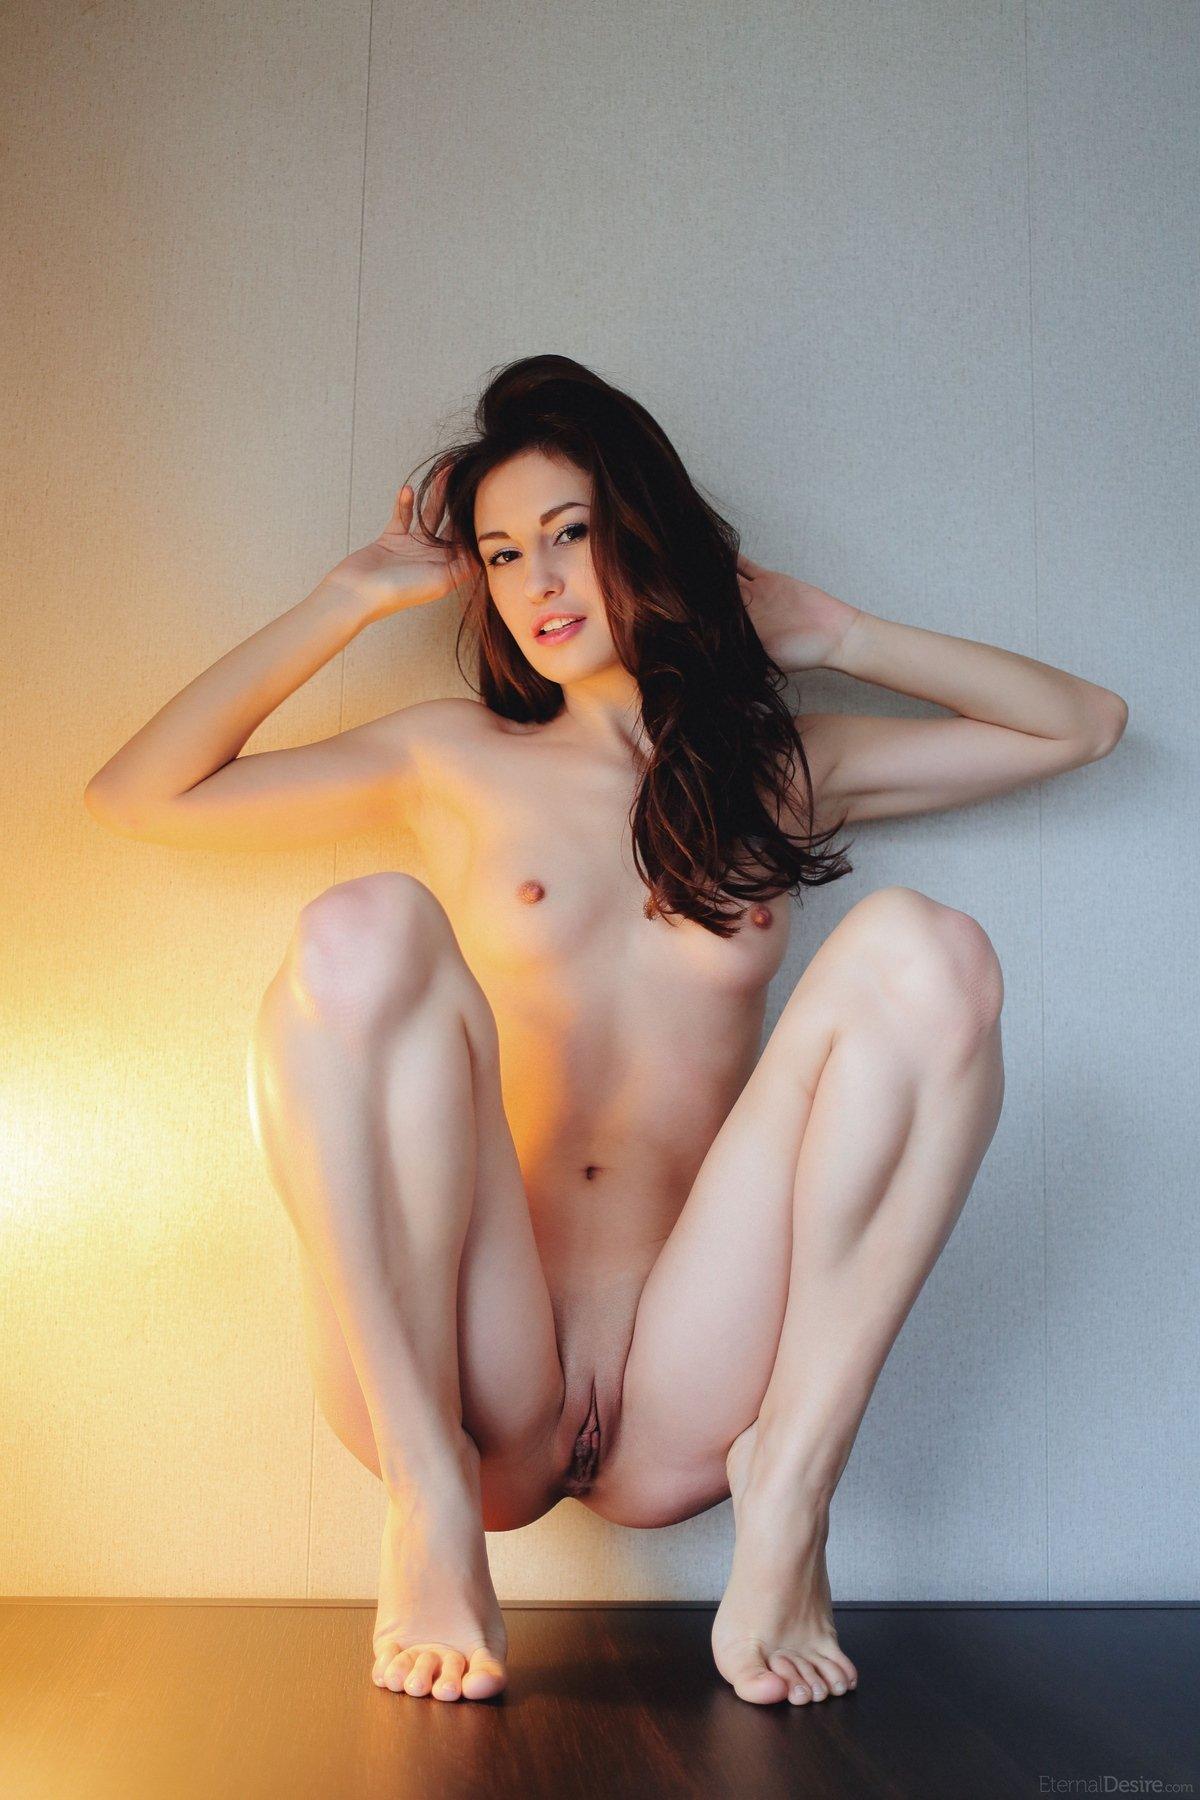 Кобыла откровенно делает селфи на столе под лампой смотреть эротику